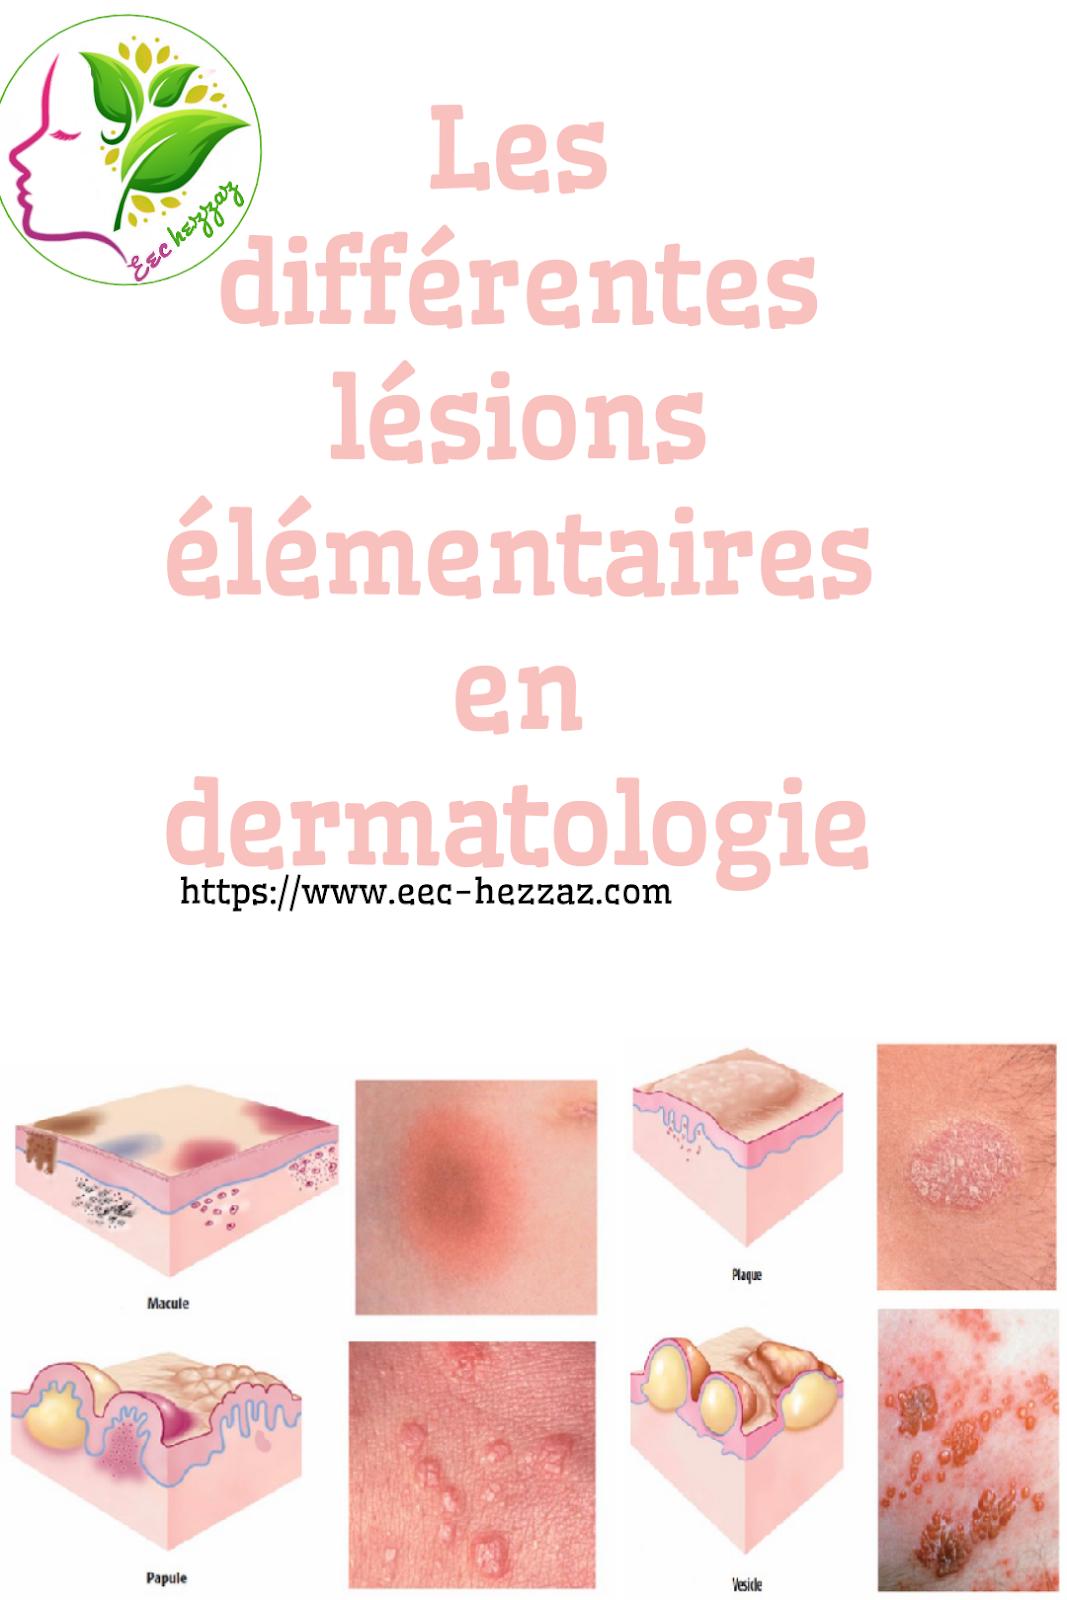 Les différentes lésions élémentaires en dermatologie